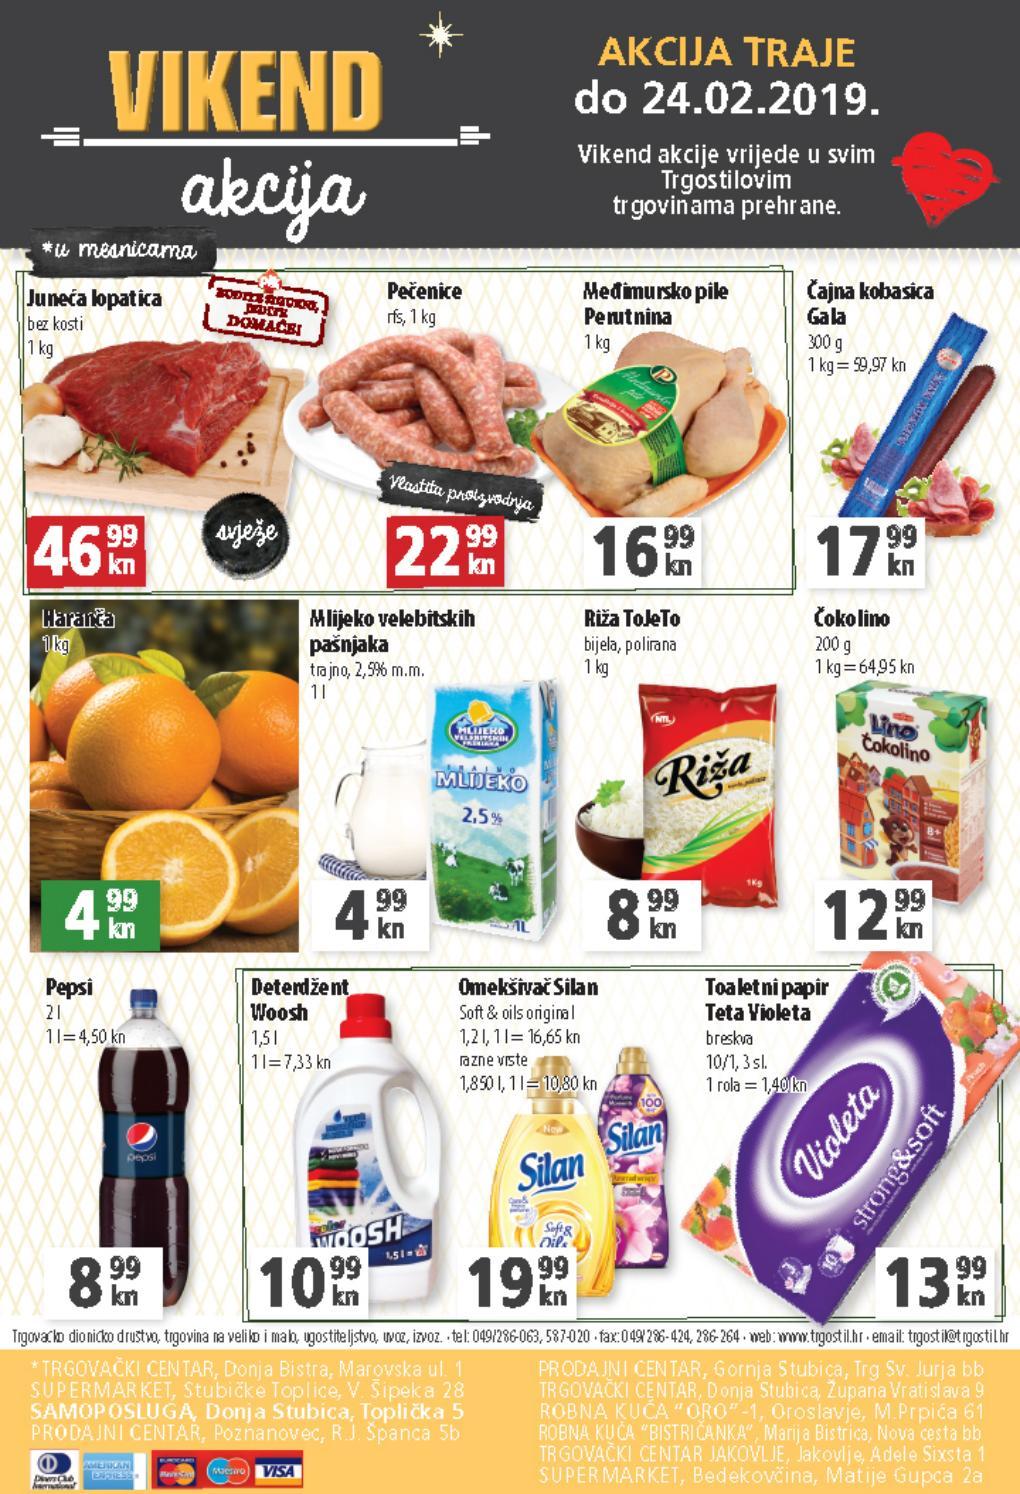 Najbolja vikend ponuda! I ovog vikenda od 22.- 24.02.2019. iskoristite nove popuste i kupujte povoljnije u Trgostil trgovinama prehrane.